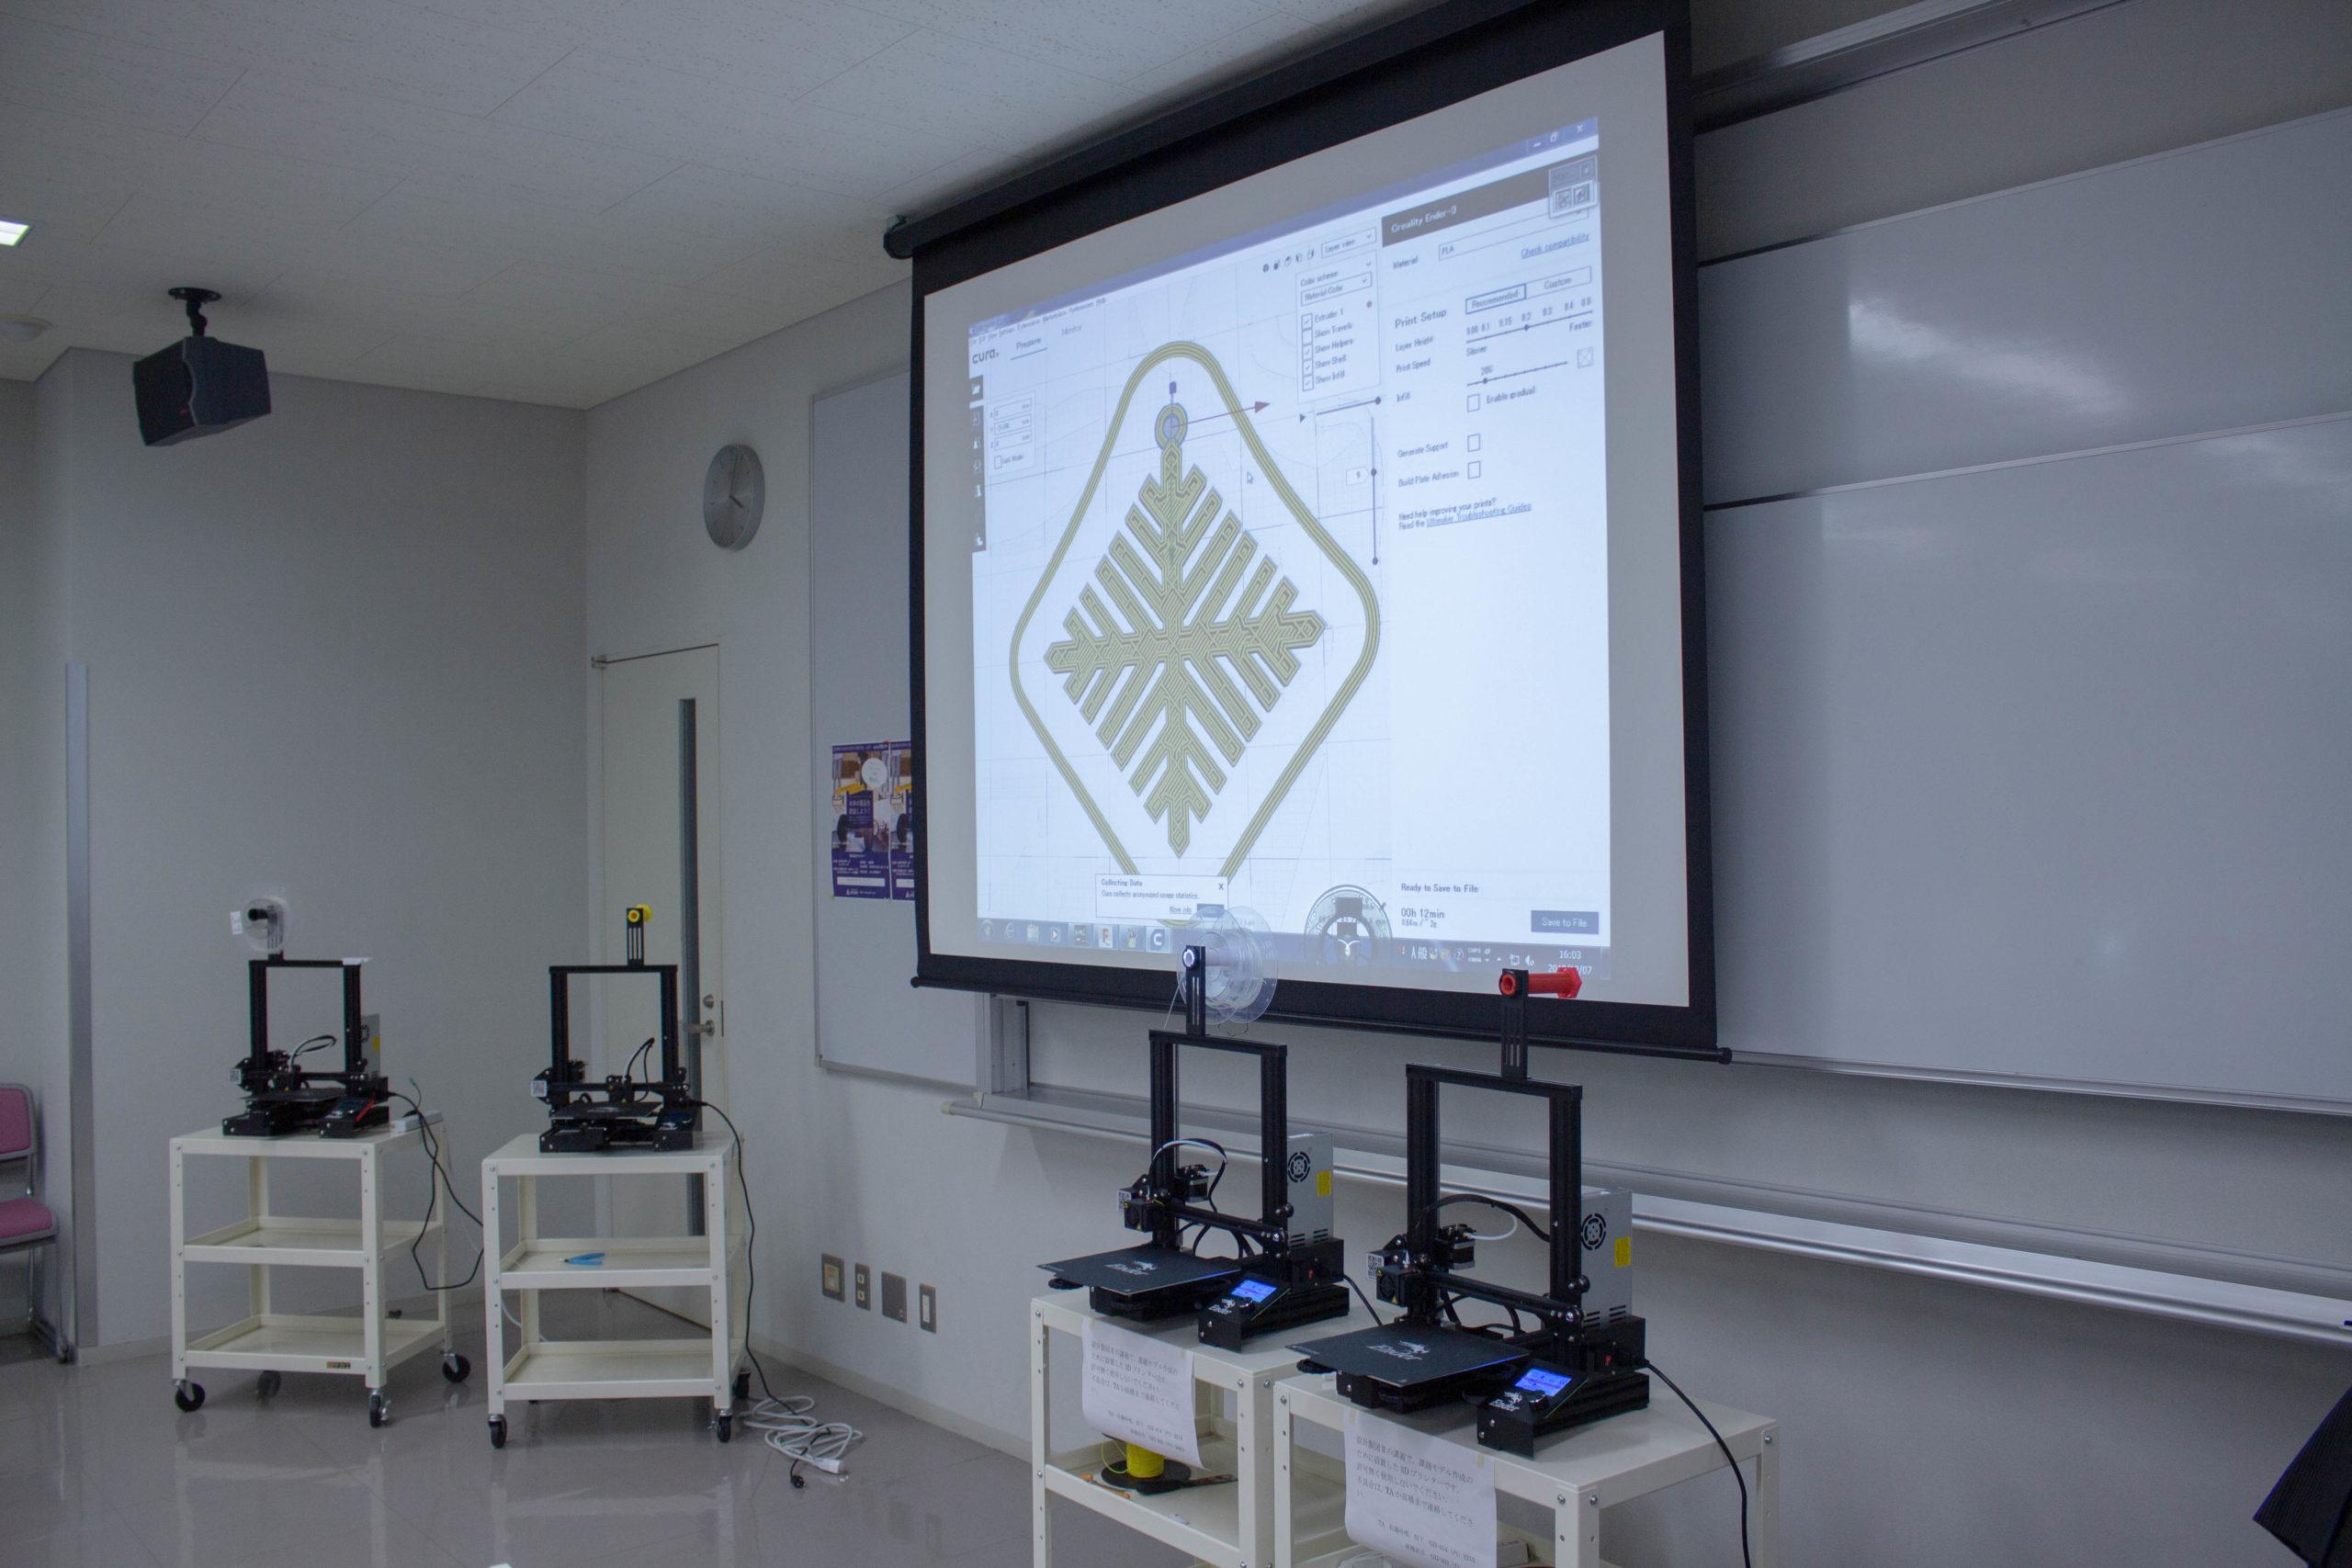 にかほ市 3Dプリンタ教室 3DCAD教室 @ Youtube live 当日にメールにてURLを送信します